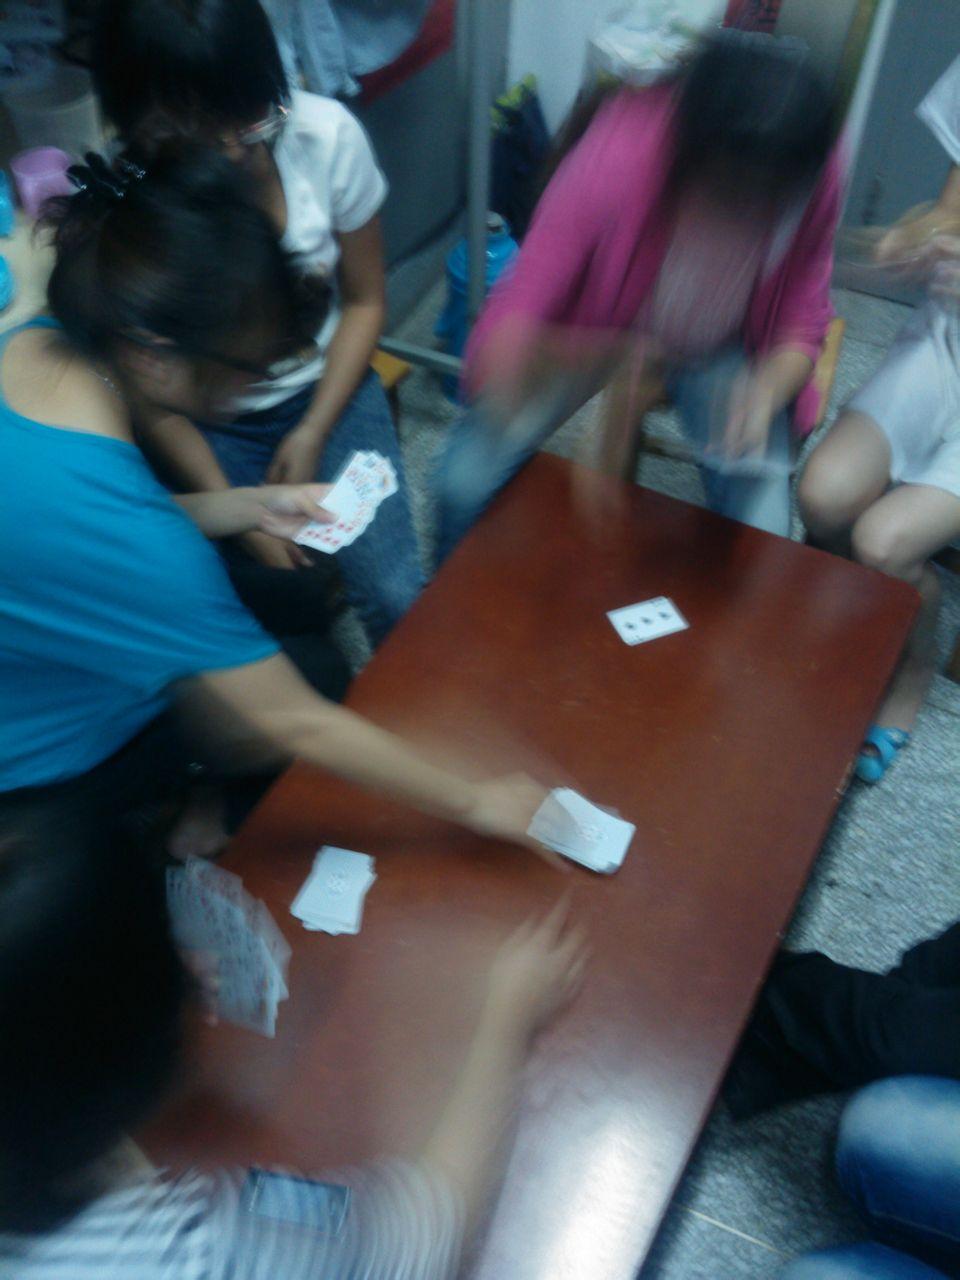 今晚几女人聚一起通宵打牌